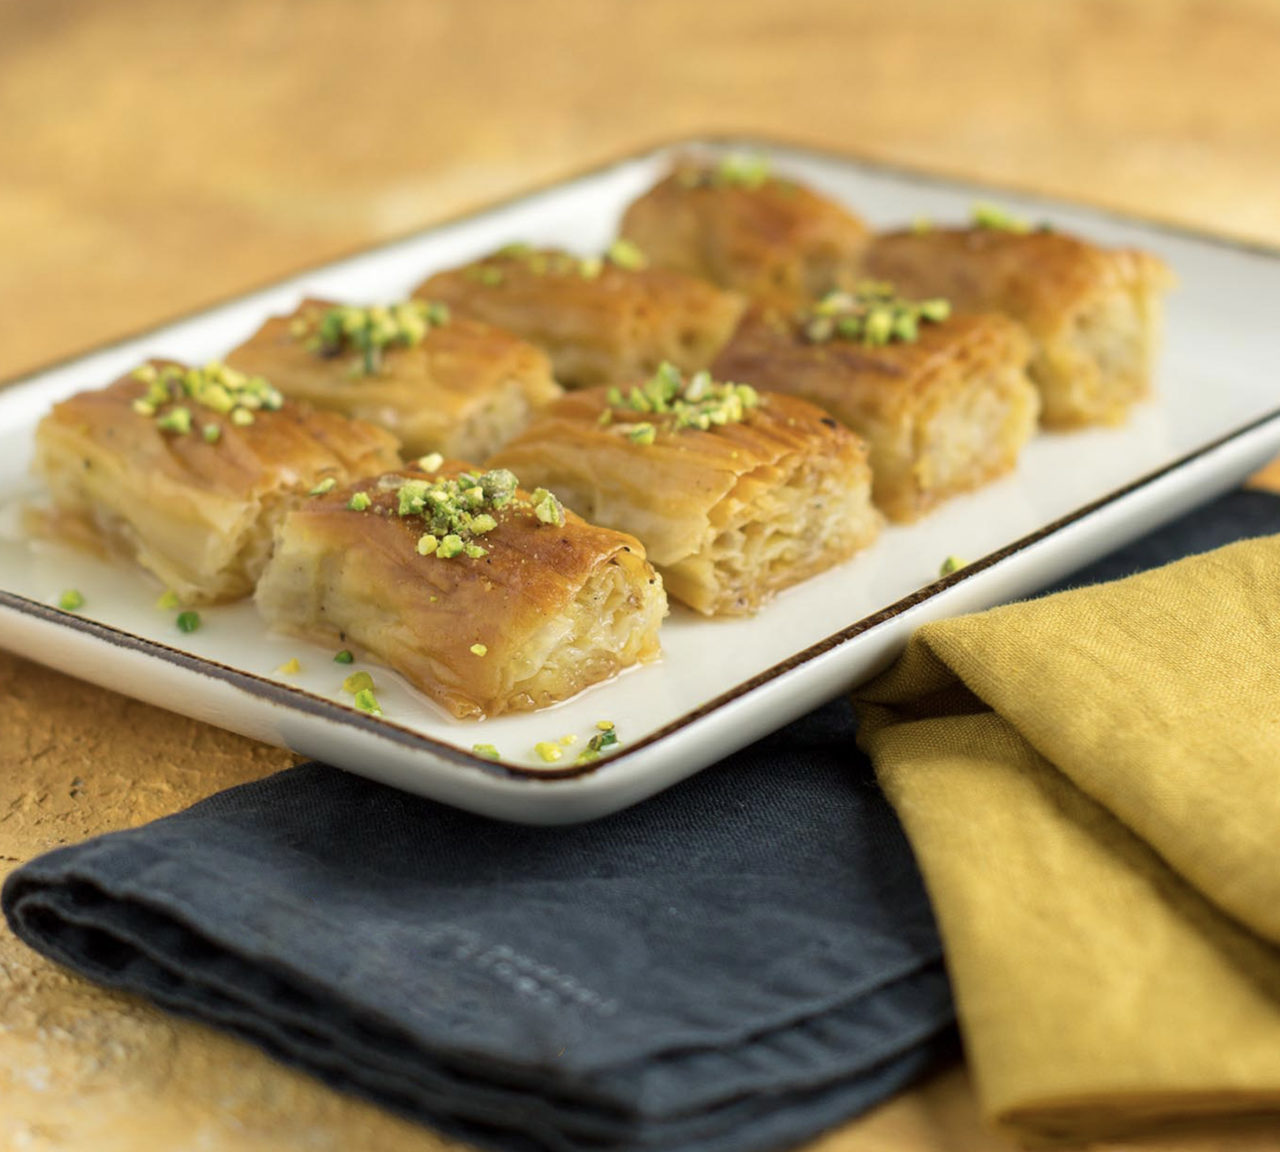 Sivas deyince ilk akla gelense bir tatlı: Gazete baklavası. Çıtır lezzetiyle şerbetli tatlı sınıfının özel tatlarından biri.